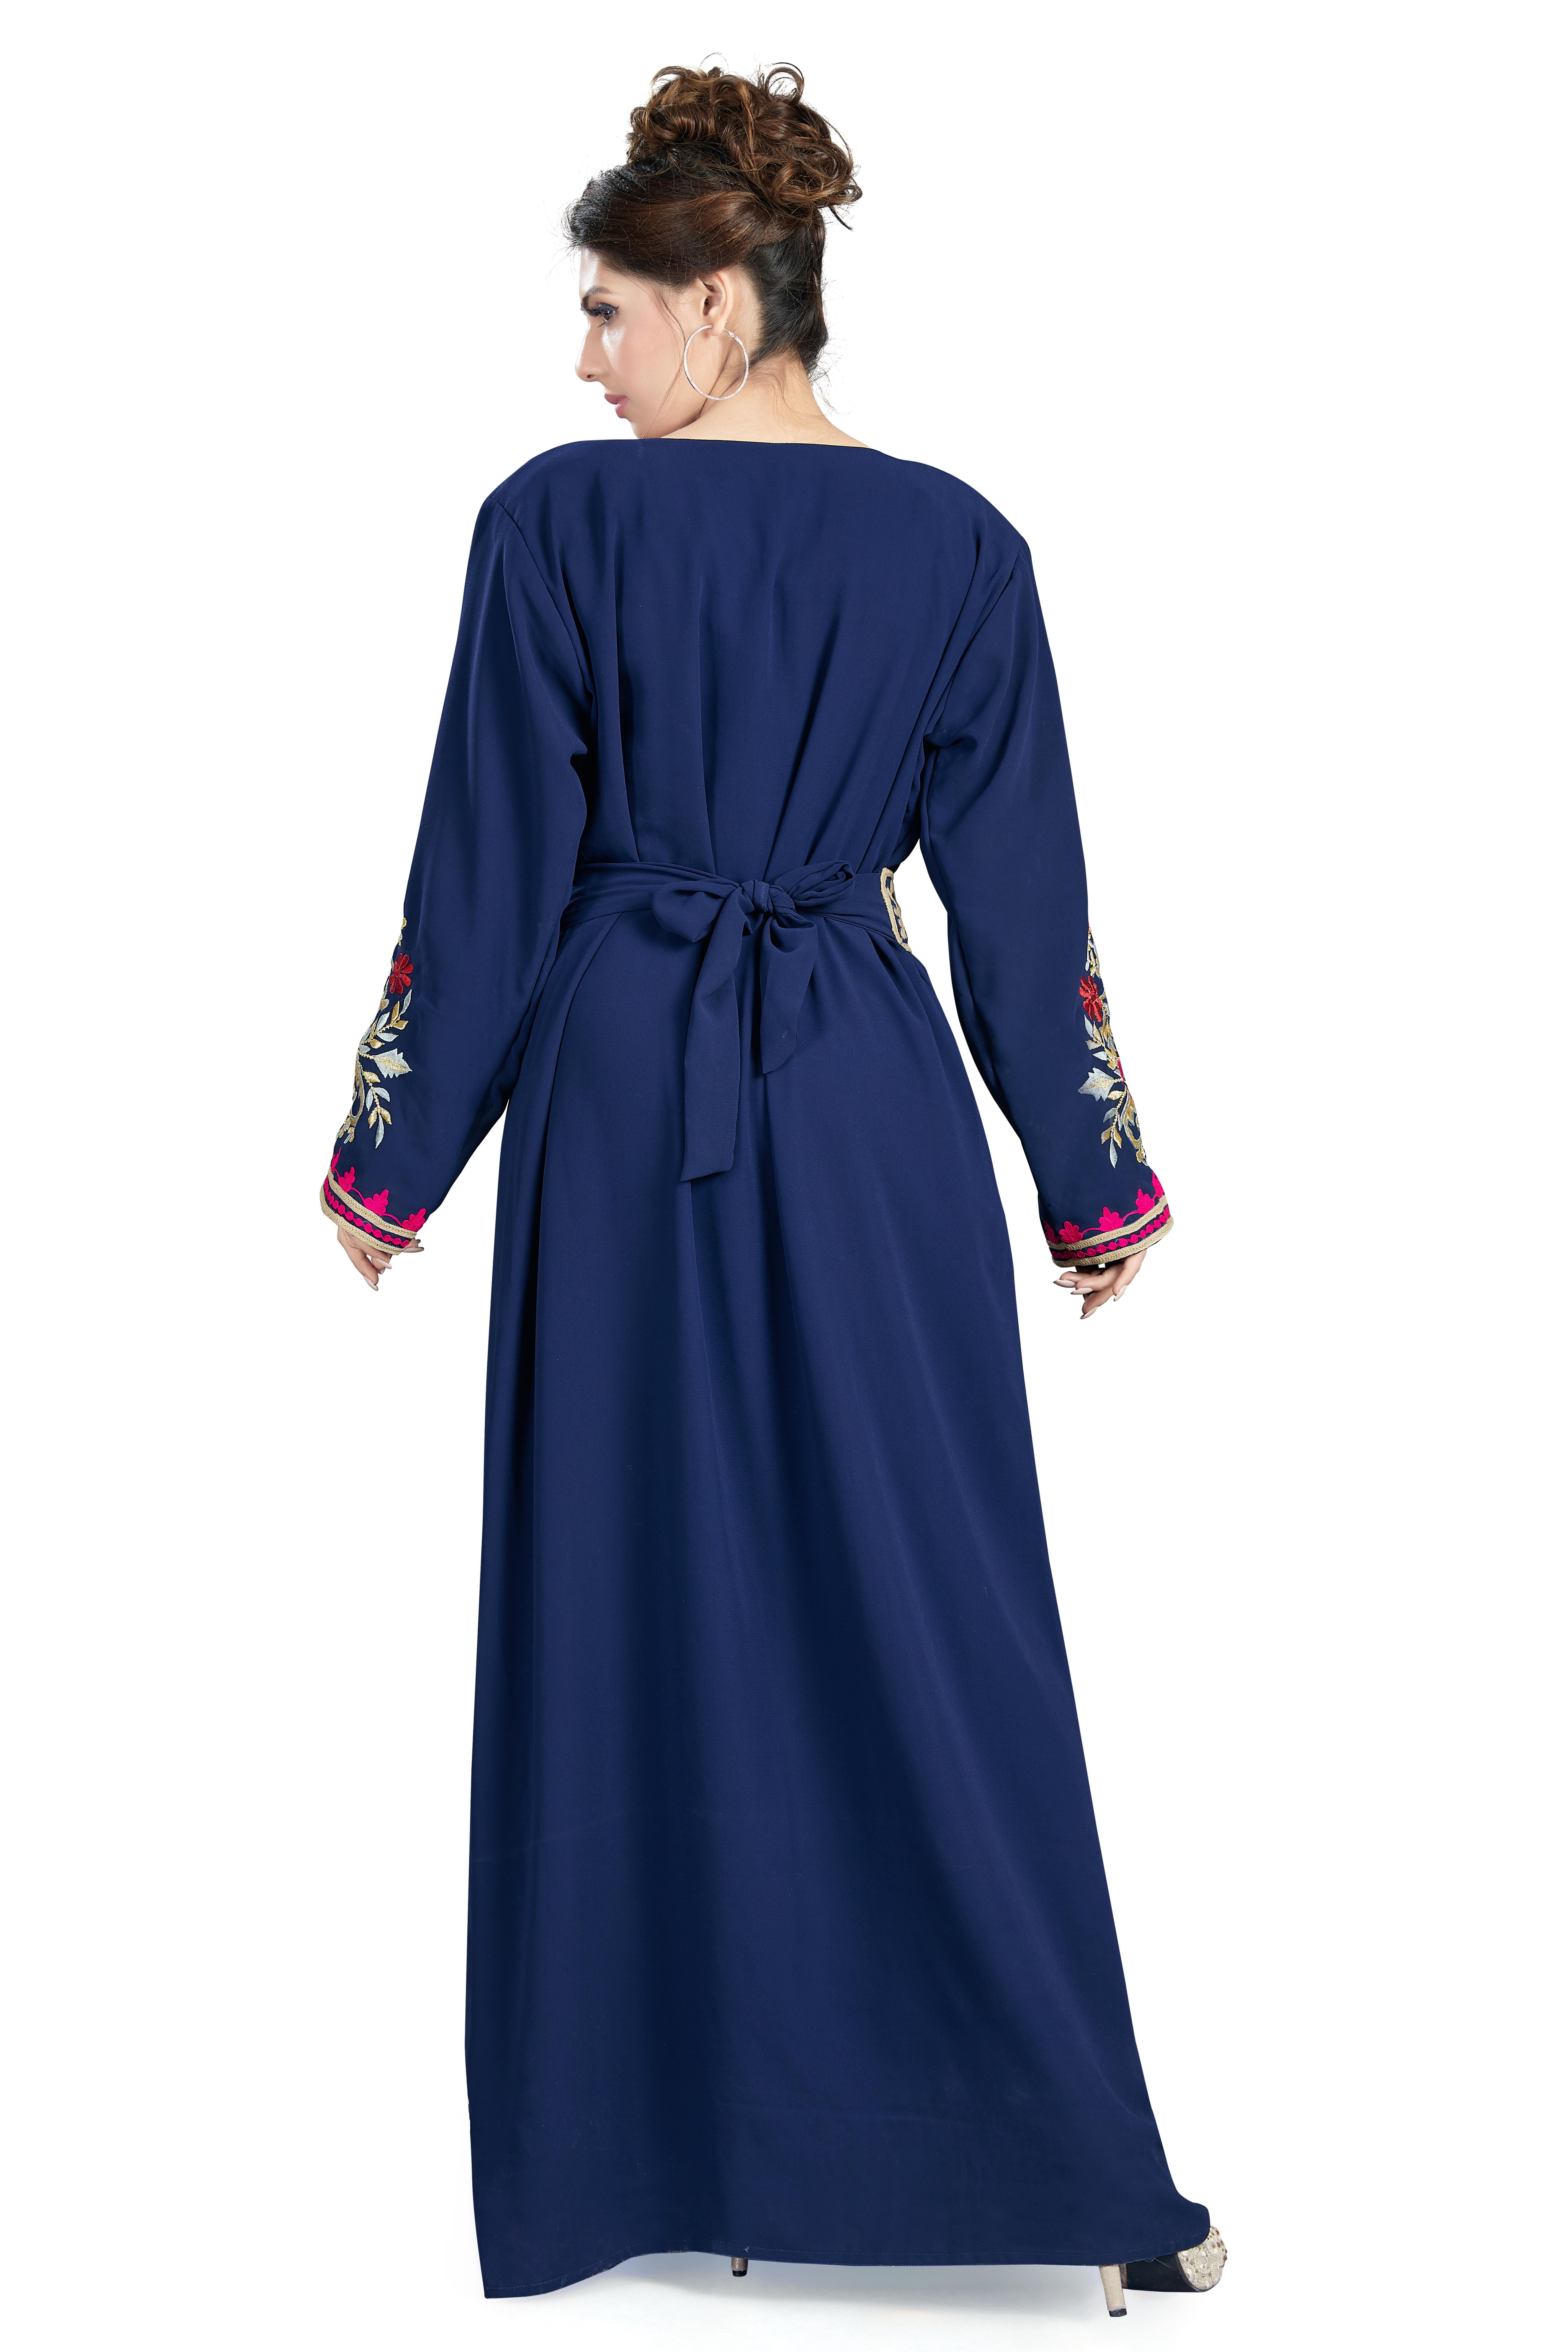 Exclusive Moroccan Takchita Maghribi kaftan jalabiya farasha dresses for women